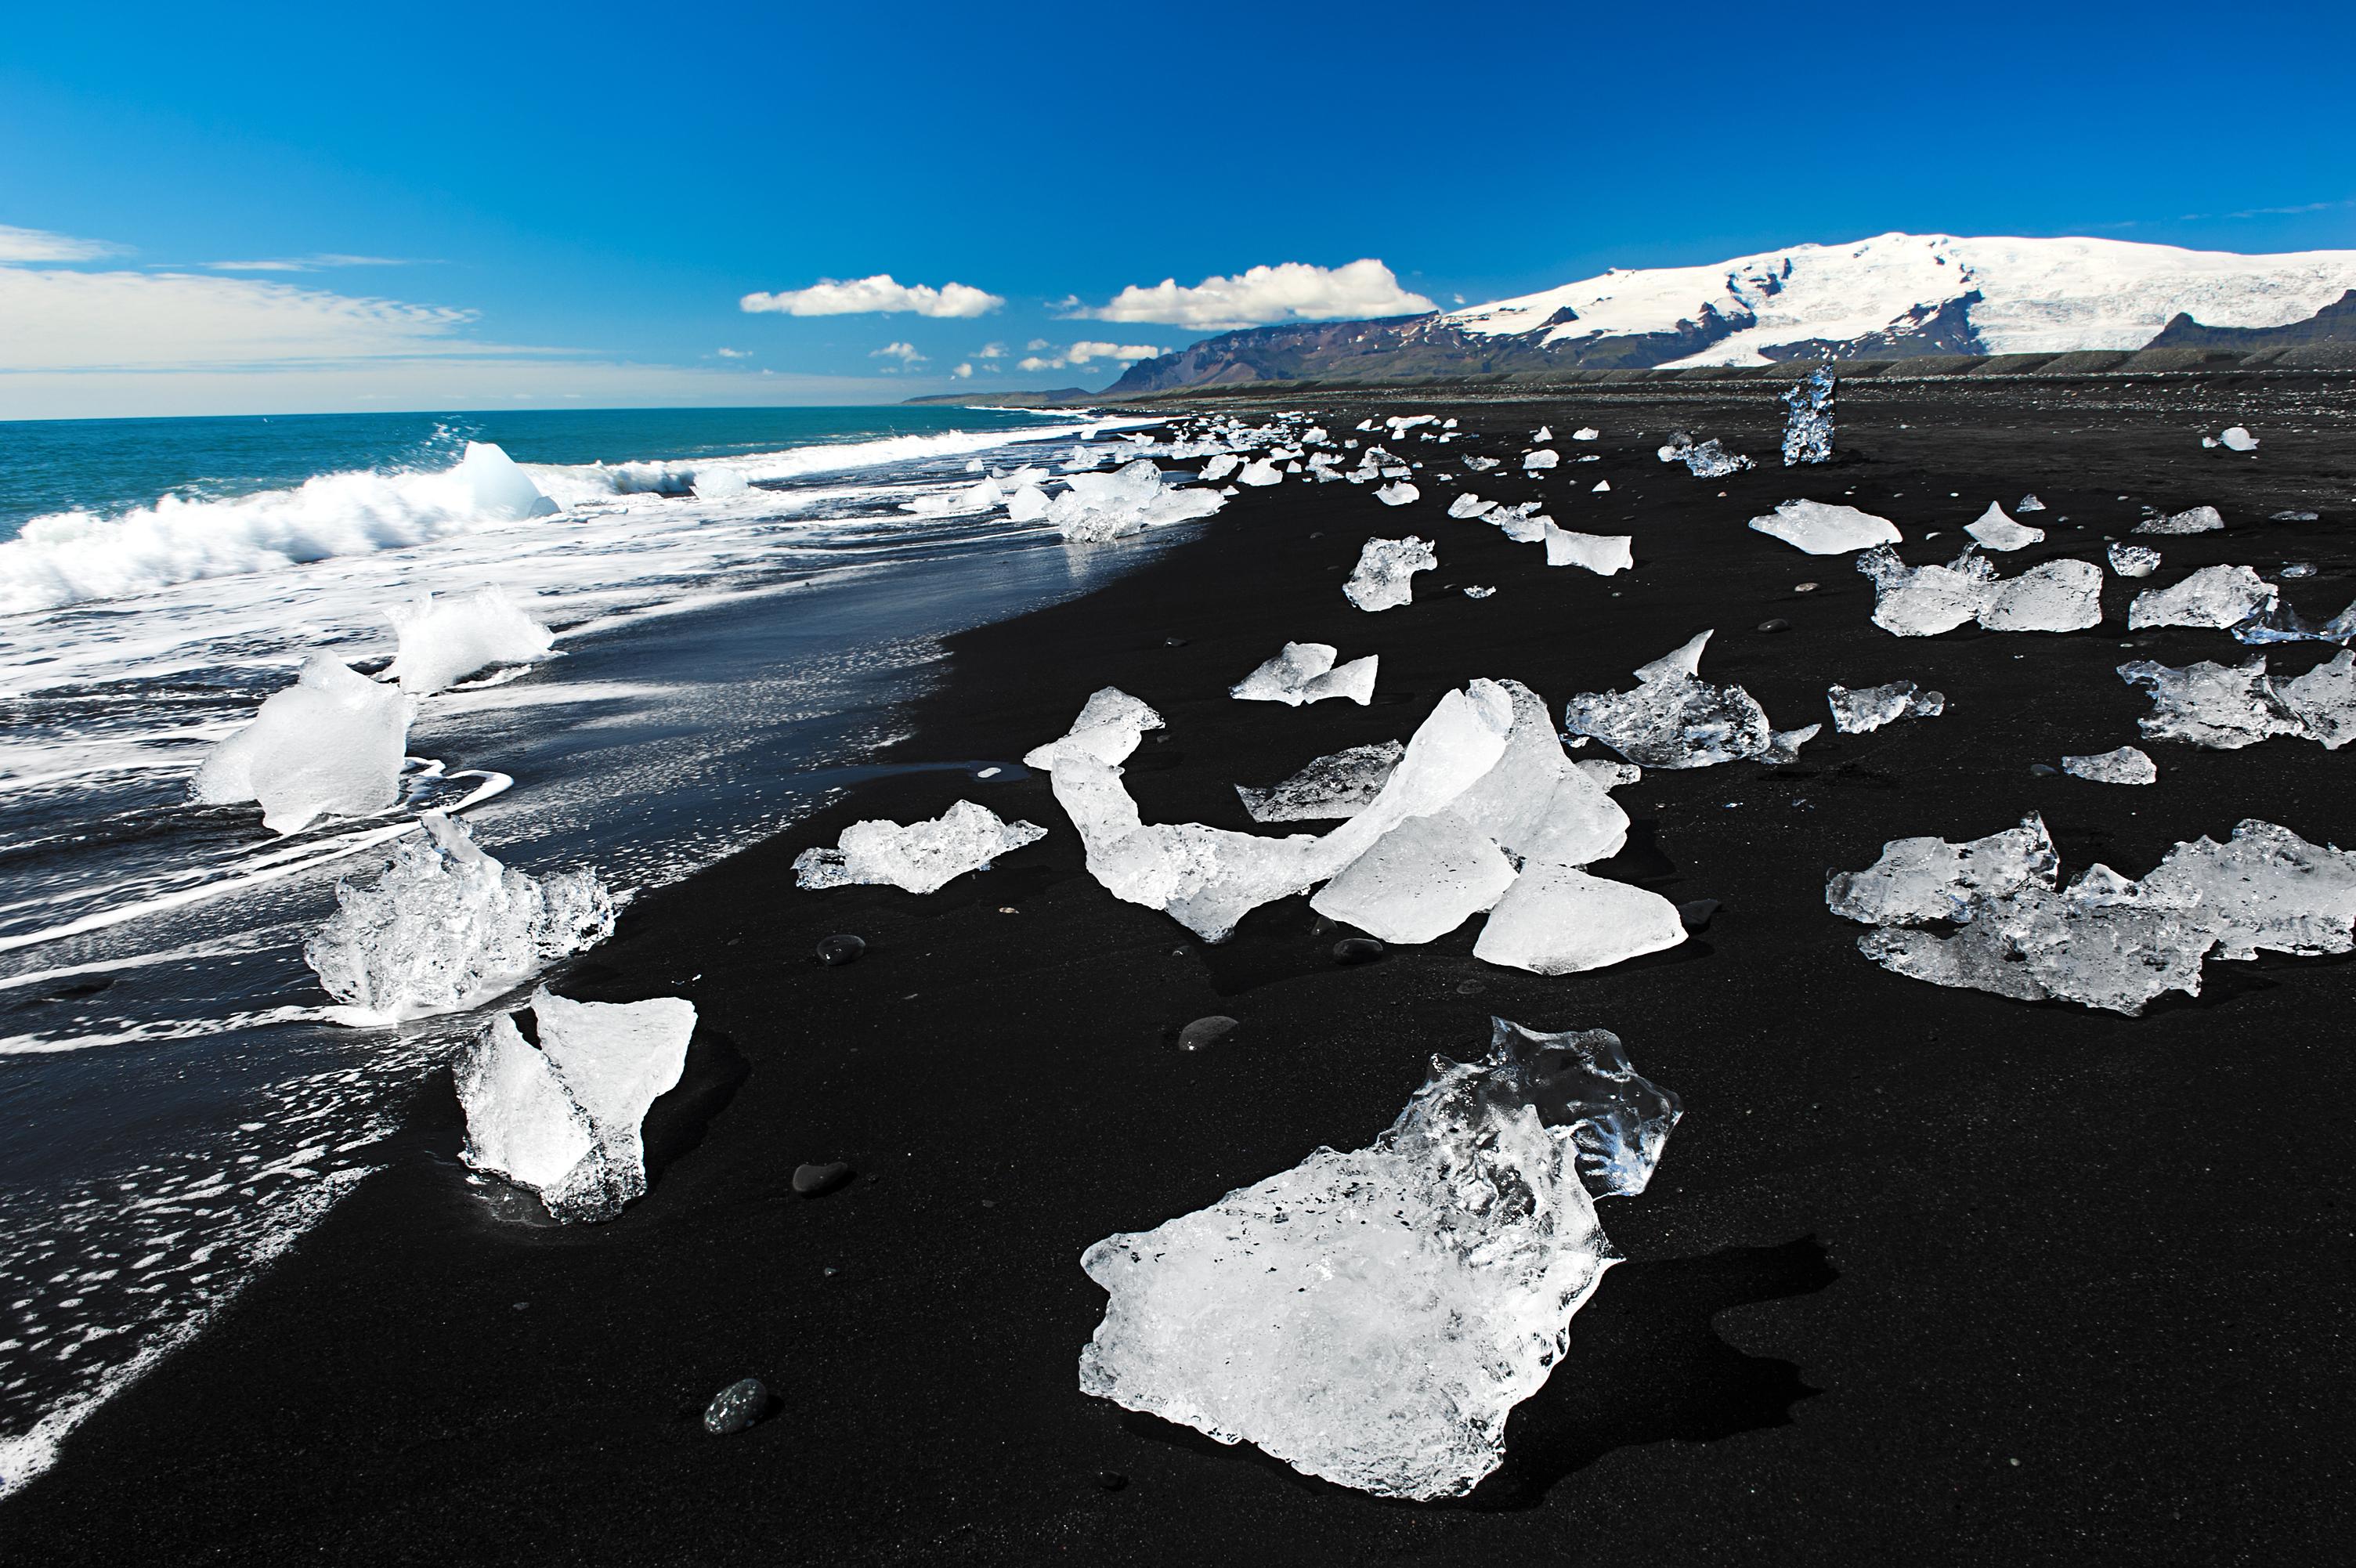 Witte ijsbergen contrasteren sterk met het zwarte zand op het wonderlijke Diamond Beach aan de zuidkust van IJsland.